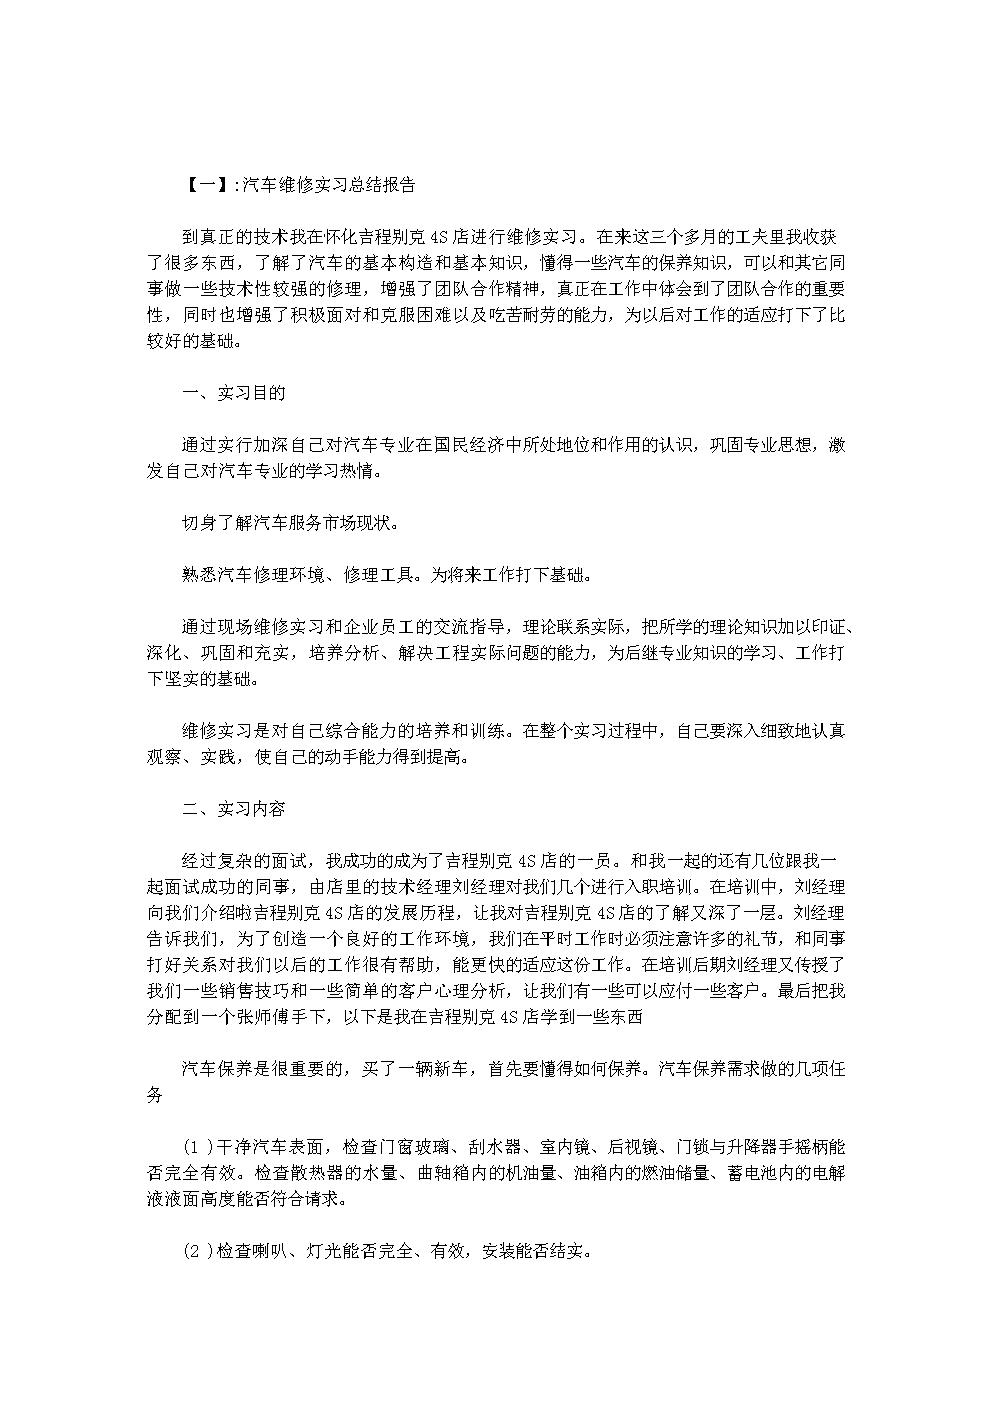 汽车维修实习总结报告范文.doc